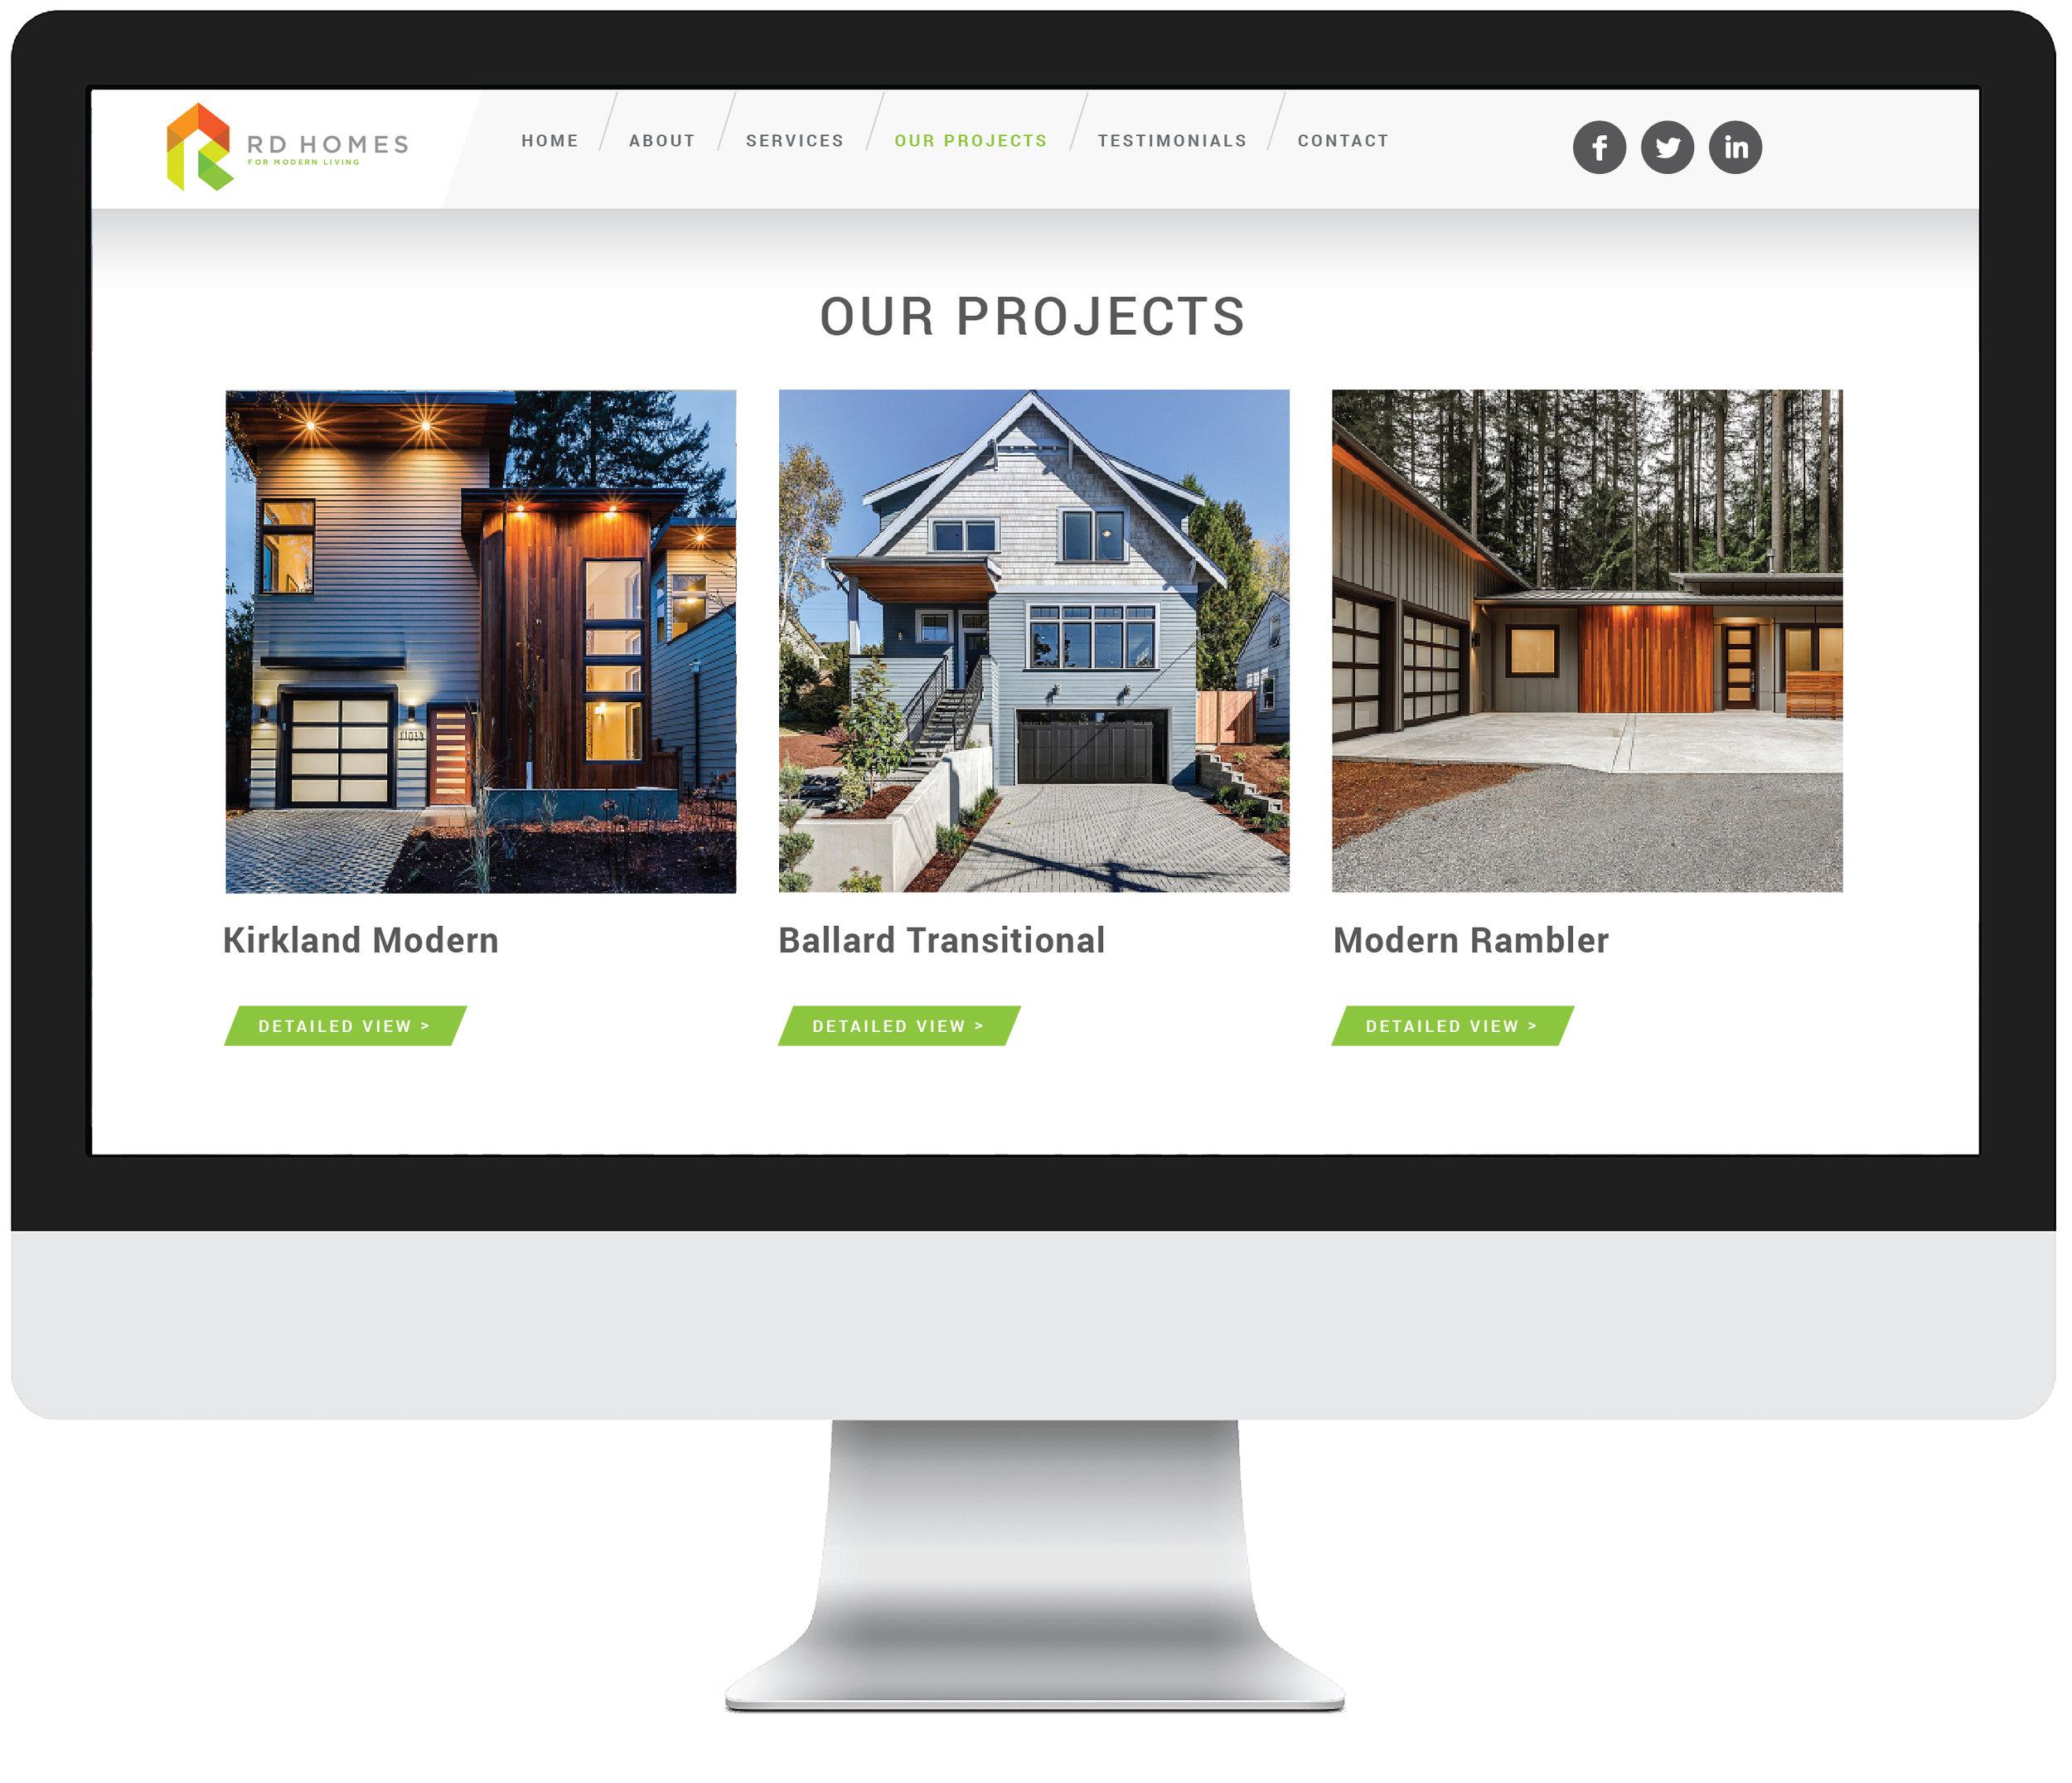 RD-Homes_Website-Design-Yuri-Shvets-4.jpg